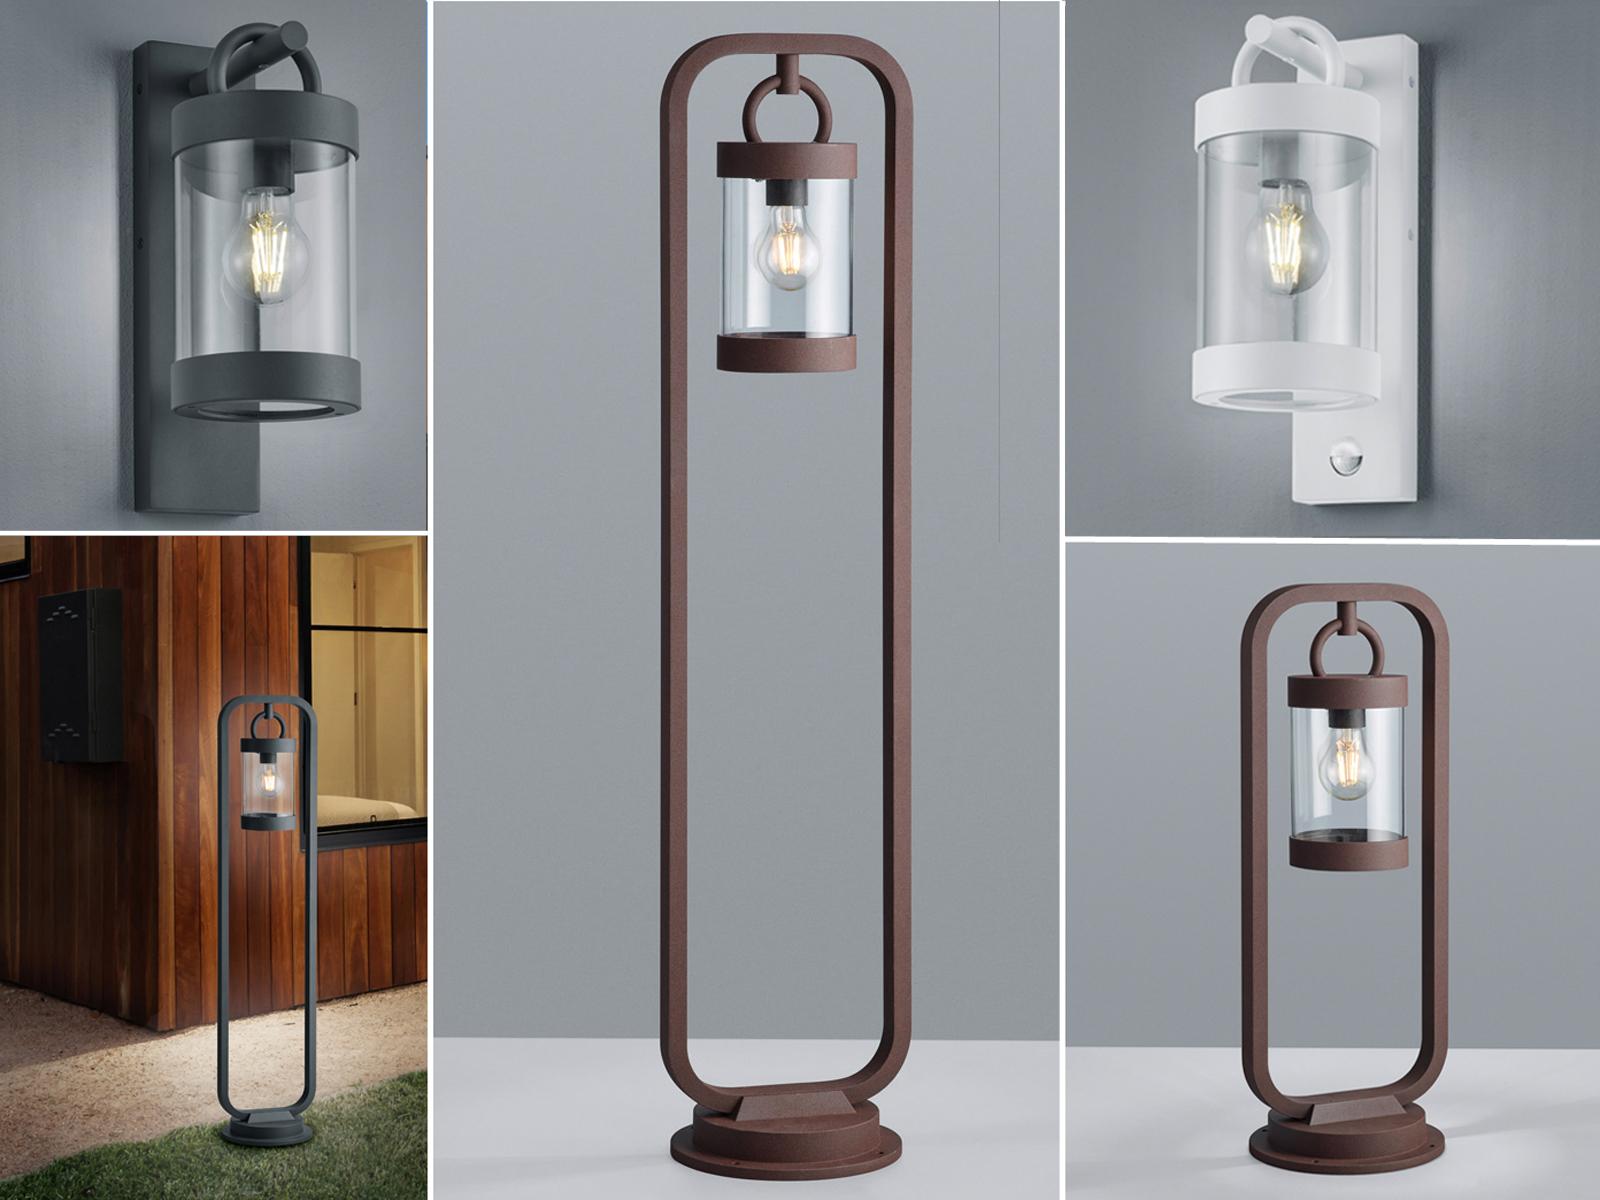 Details zu Außenlampen mit Laterne hängend für Terrrassenleuchten  Außenleuchten stehend